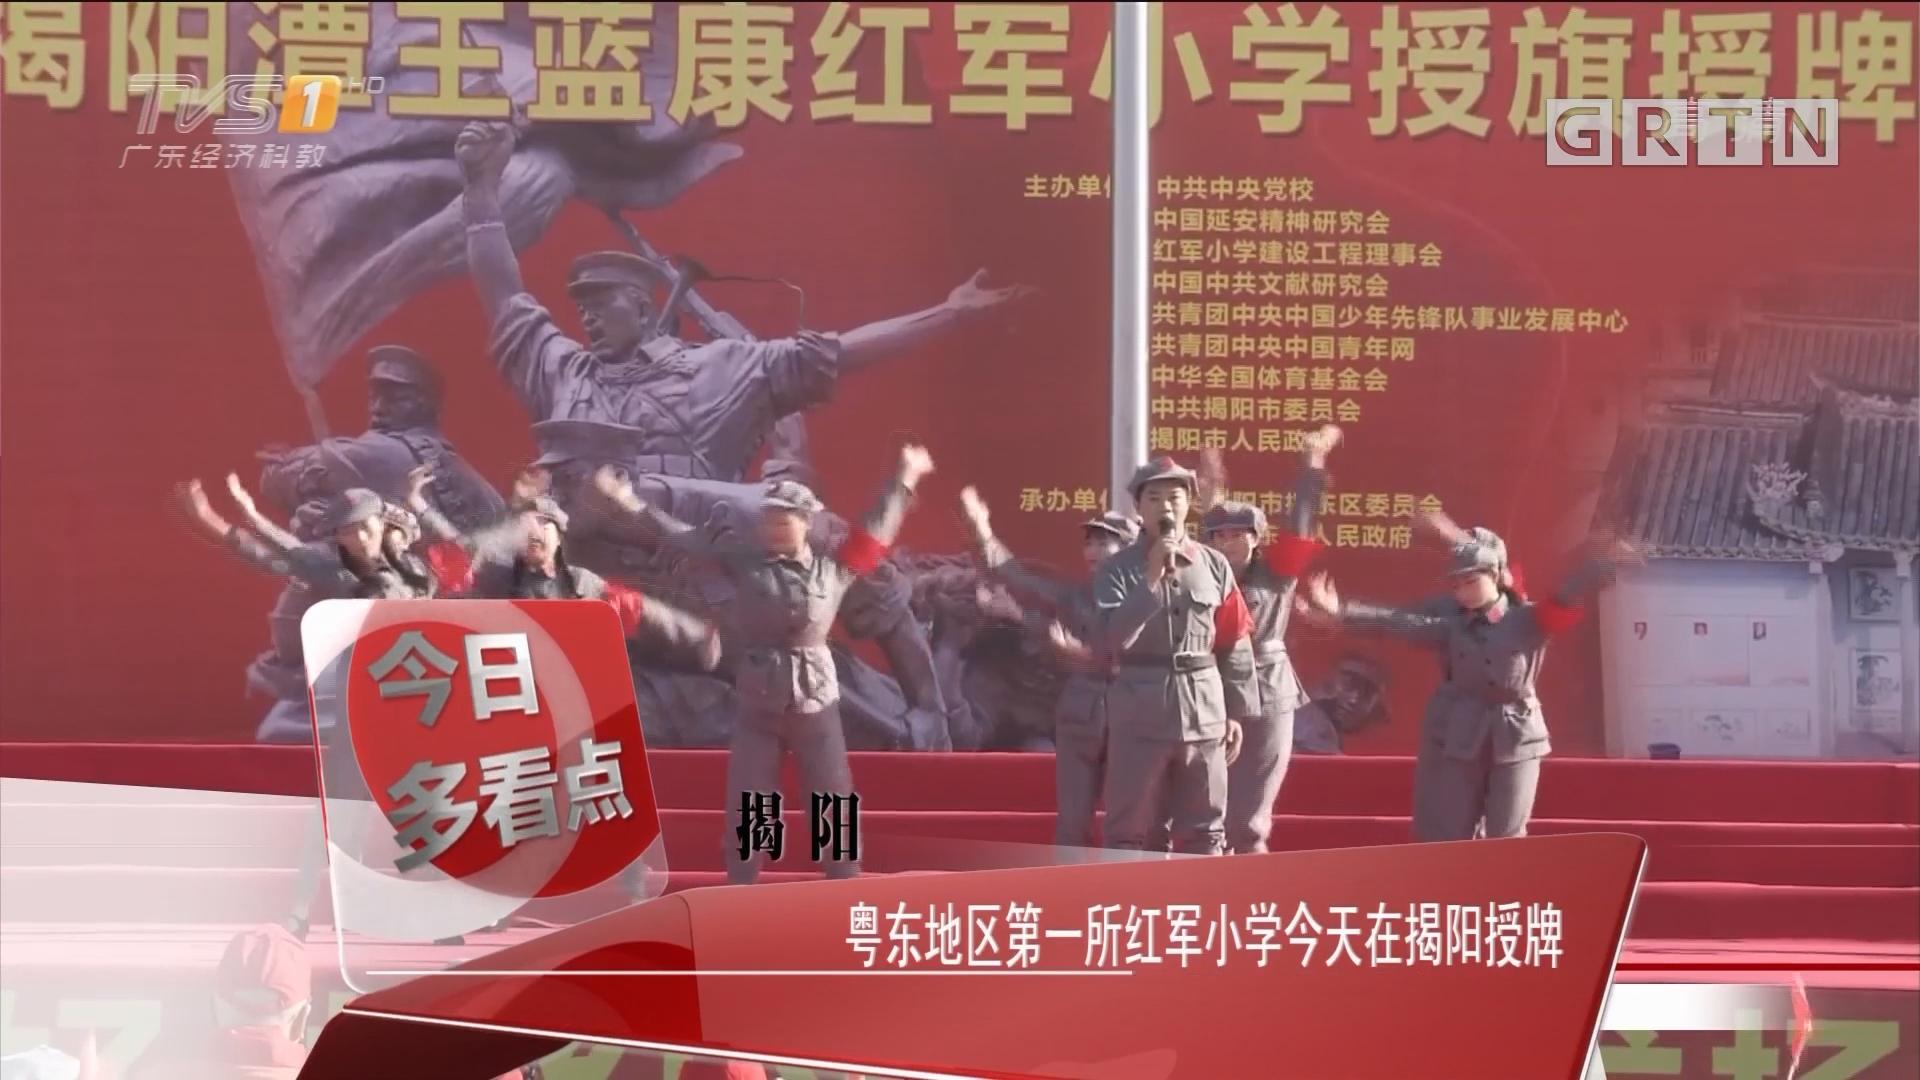 揭阳:粤东地区第一所红军小学今天在揭阳授牌